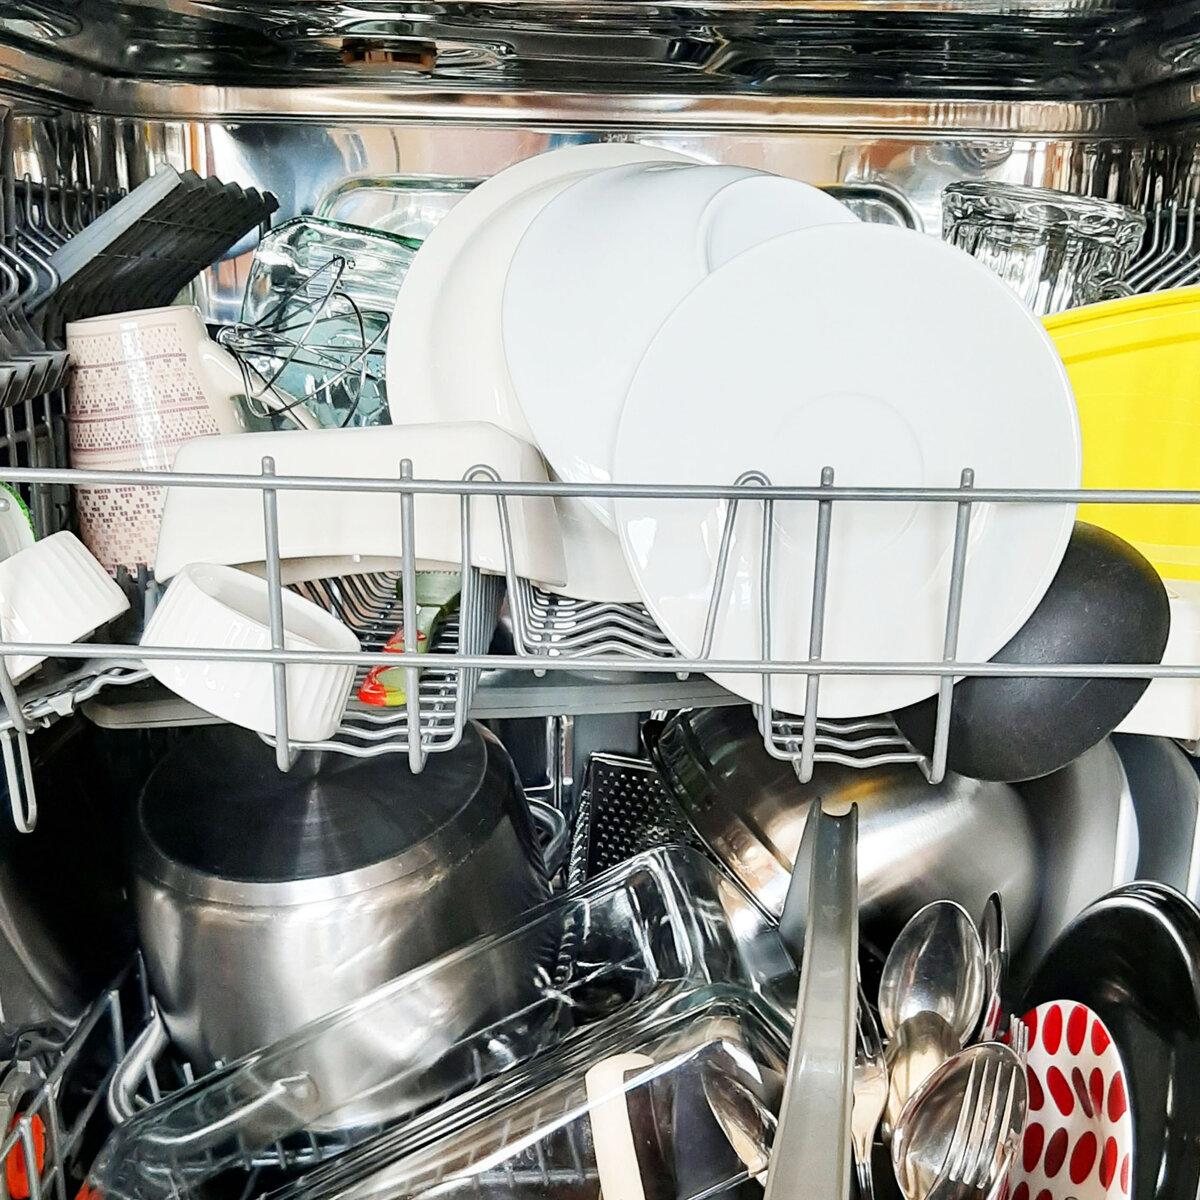 Как правильно загружать посуду в посудомоечную машину: ценные рекомендации - точка j